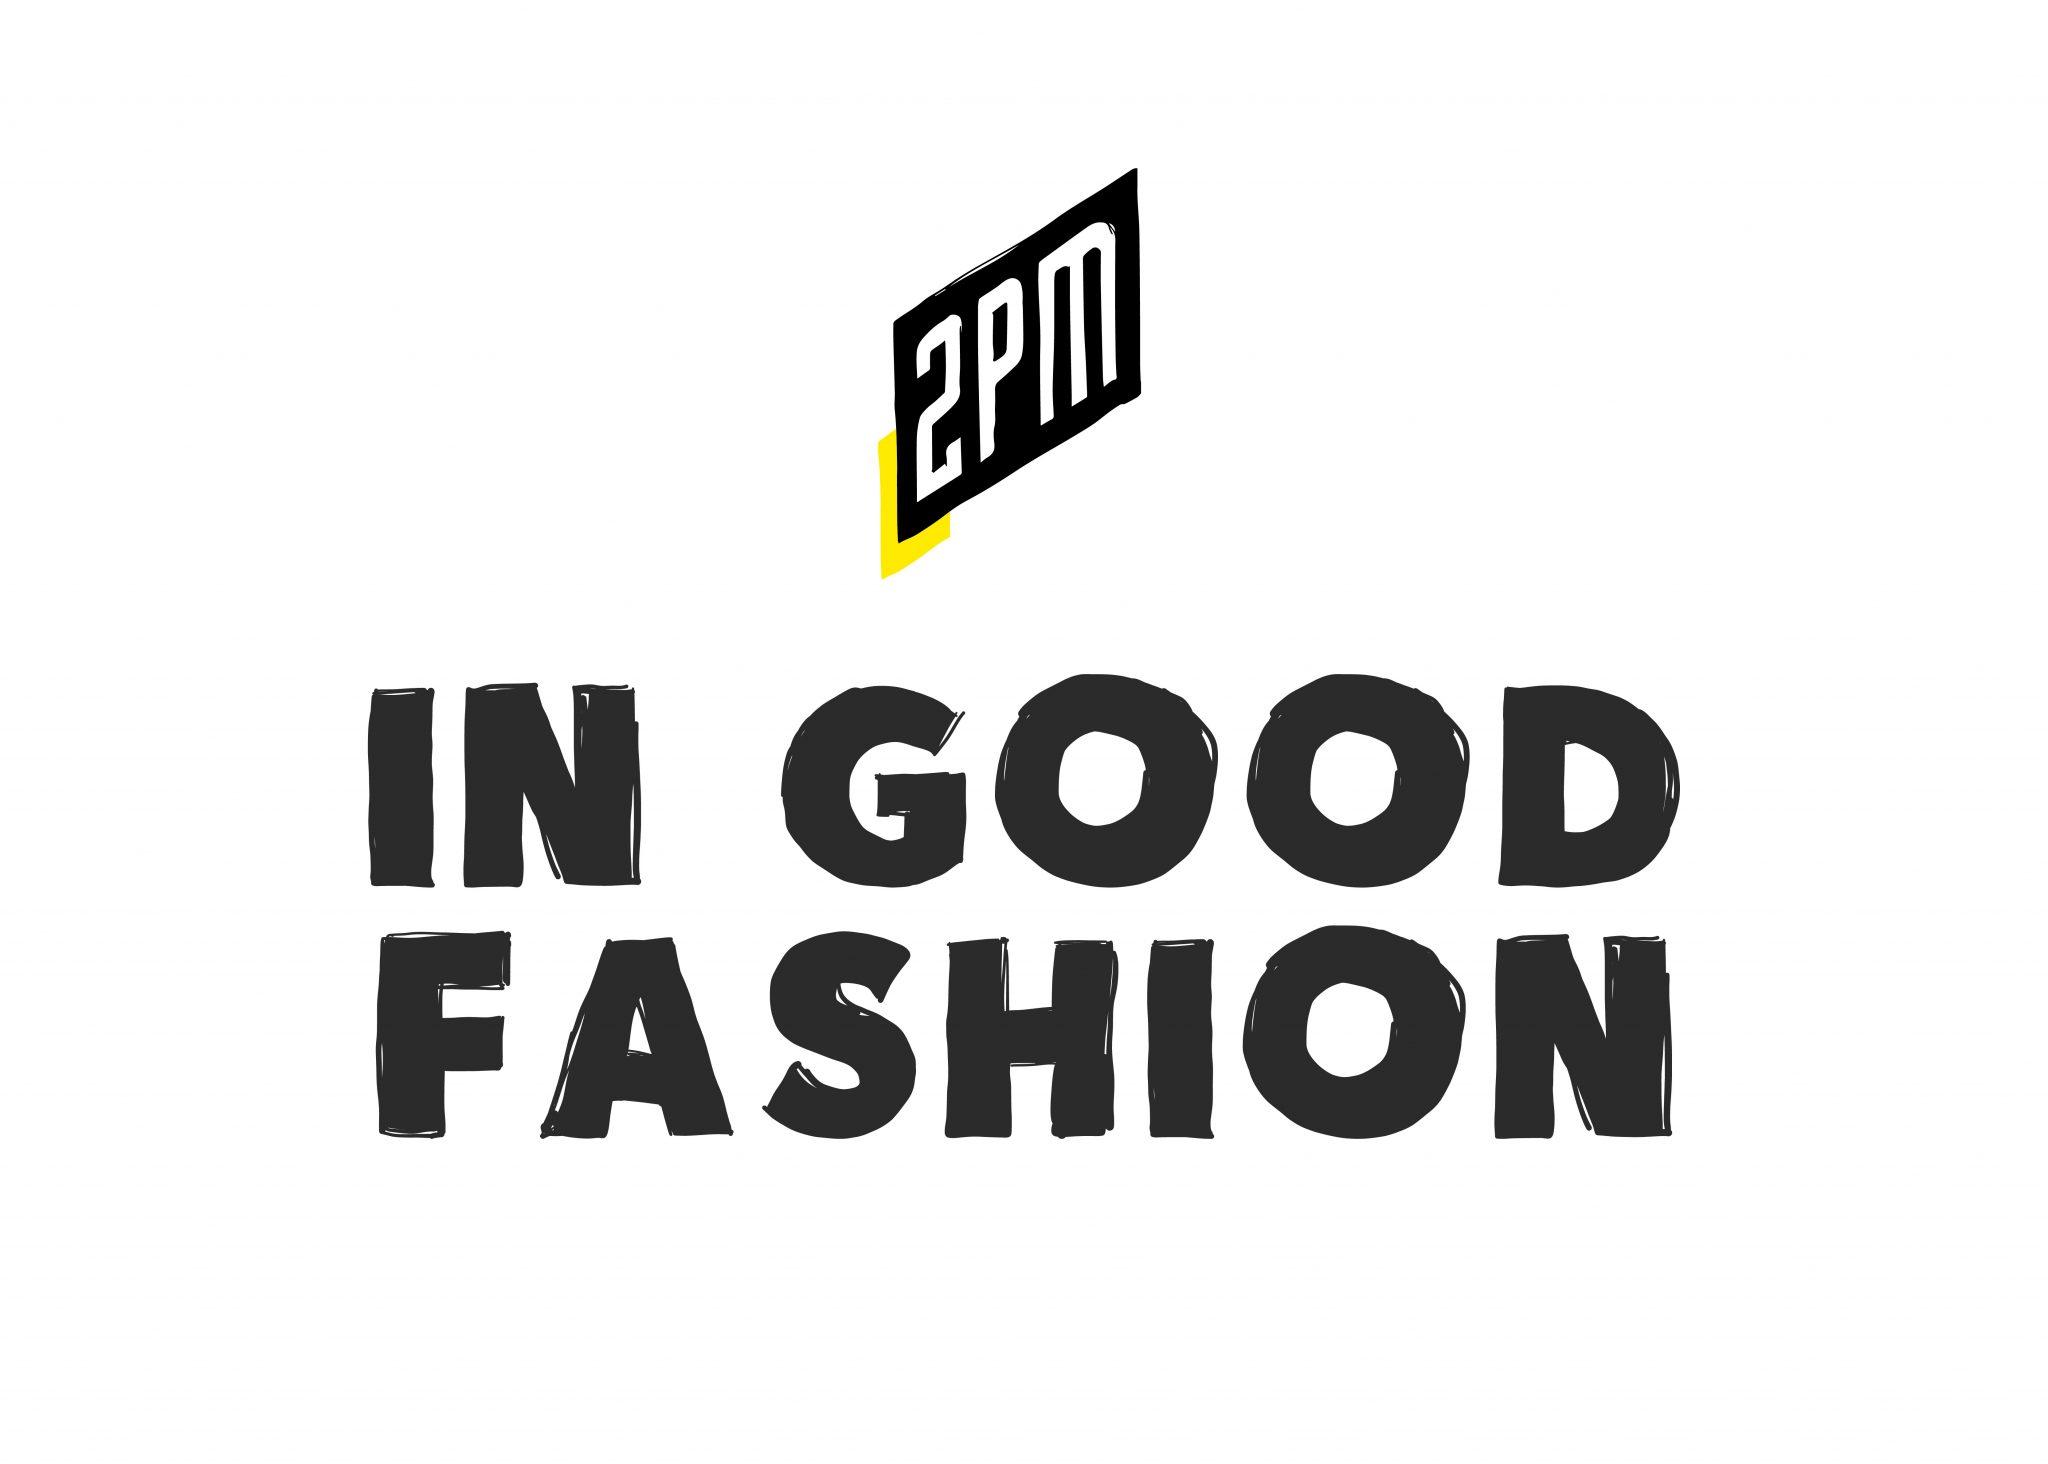 Memo: In Good Fashion